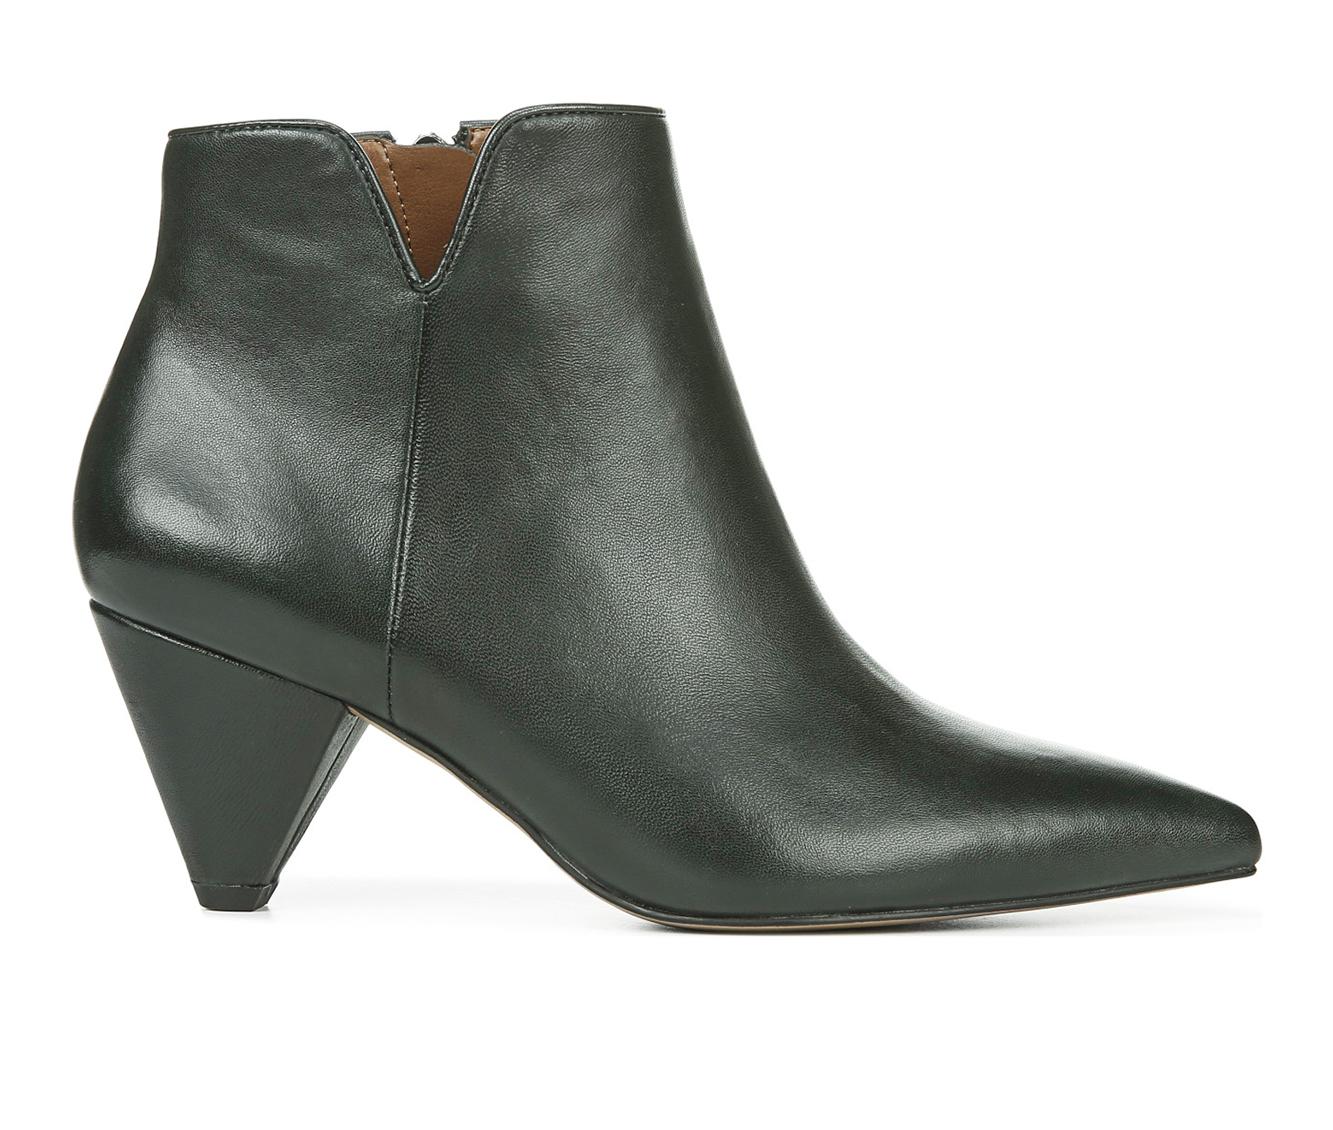 Franco Sarto Dare 2 Women's Boot (Green Leather)